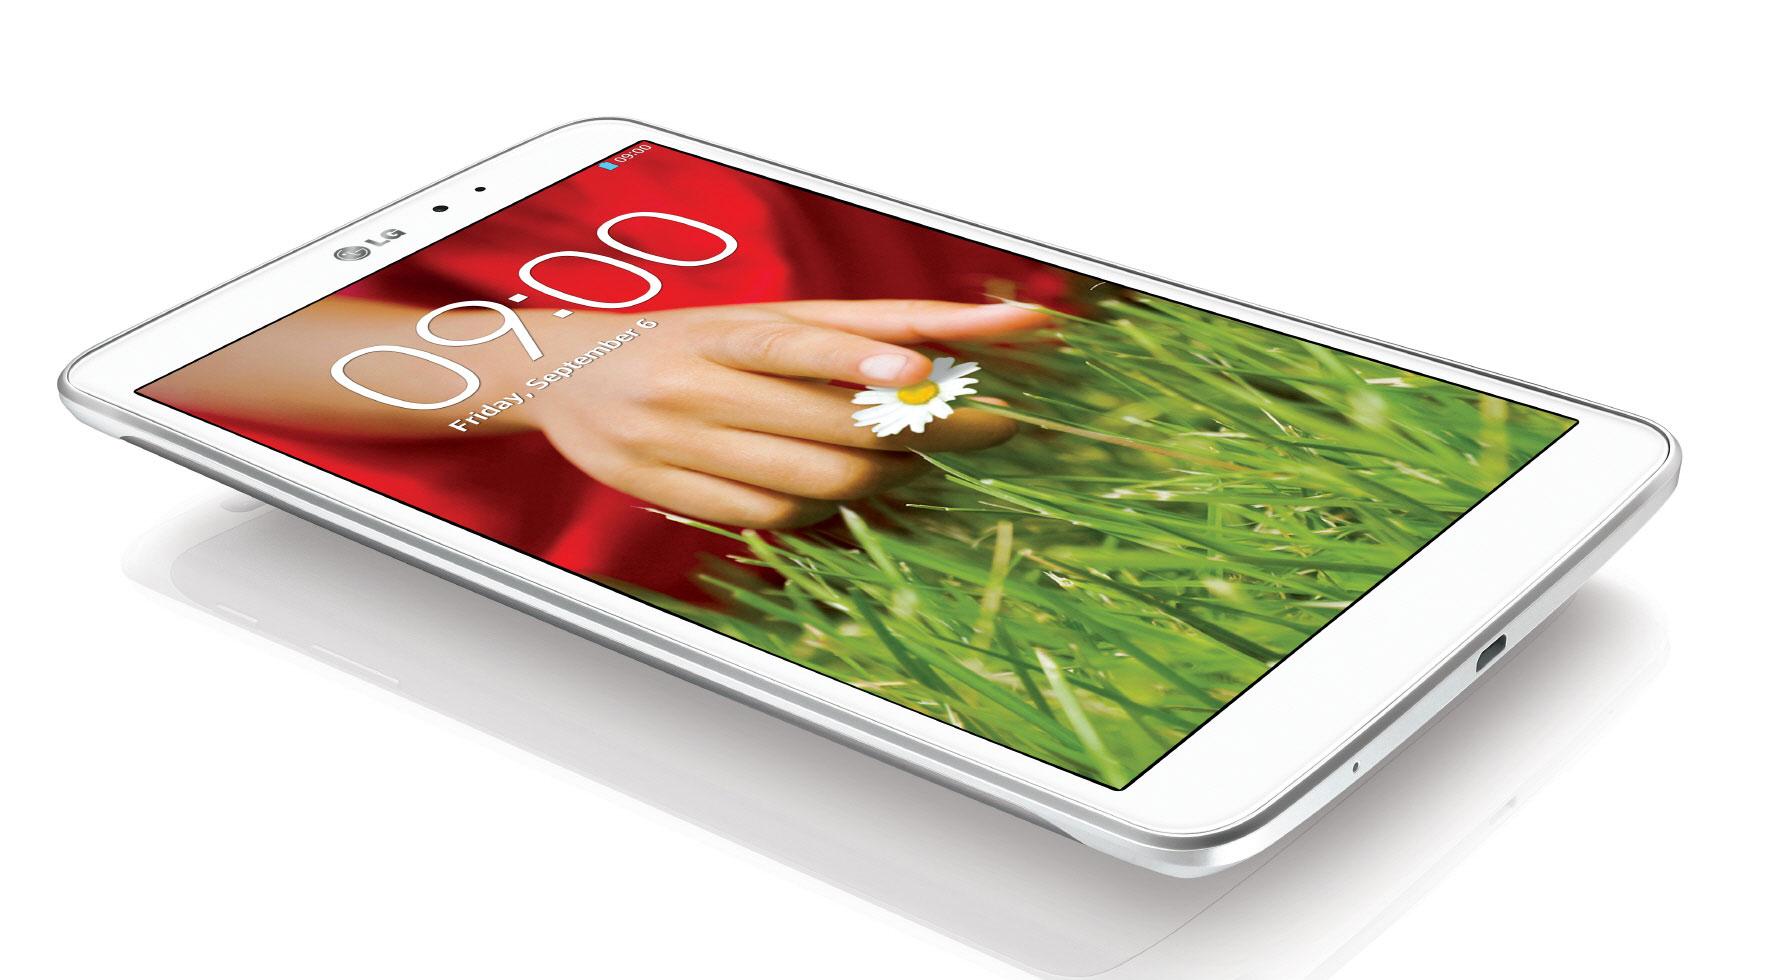 LG joue dans la cour des grands avec son LG G Pad 8.3